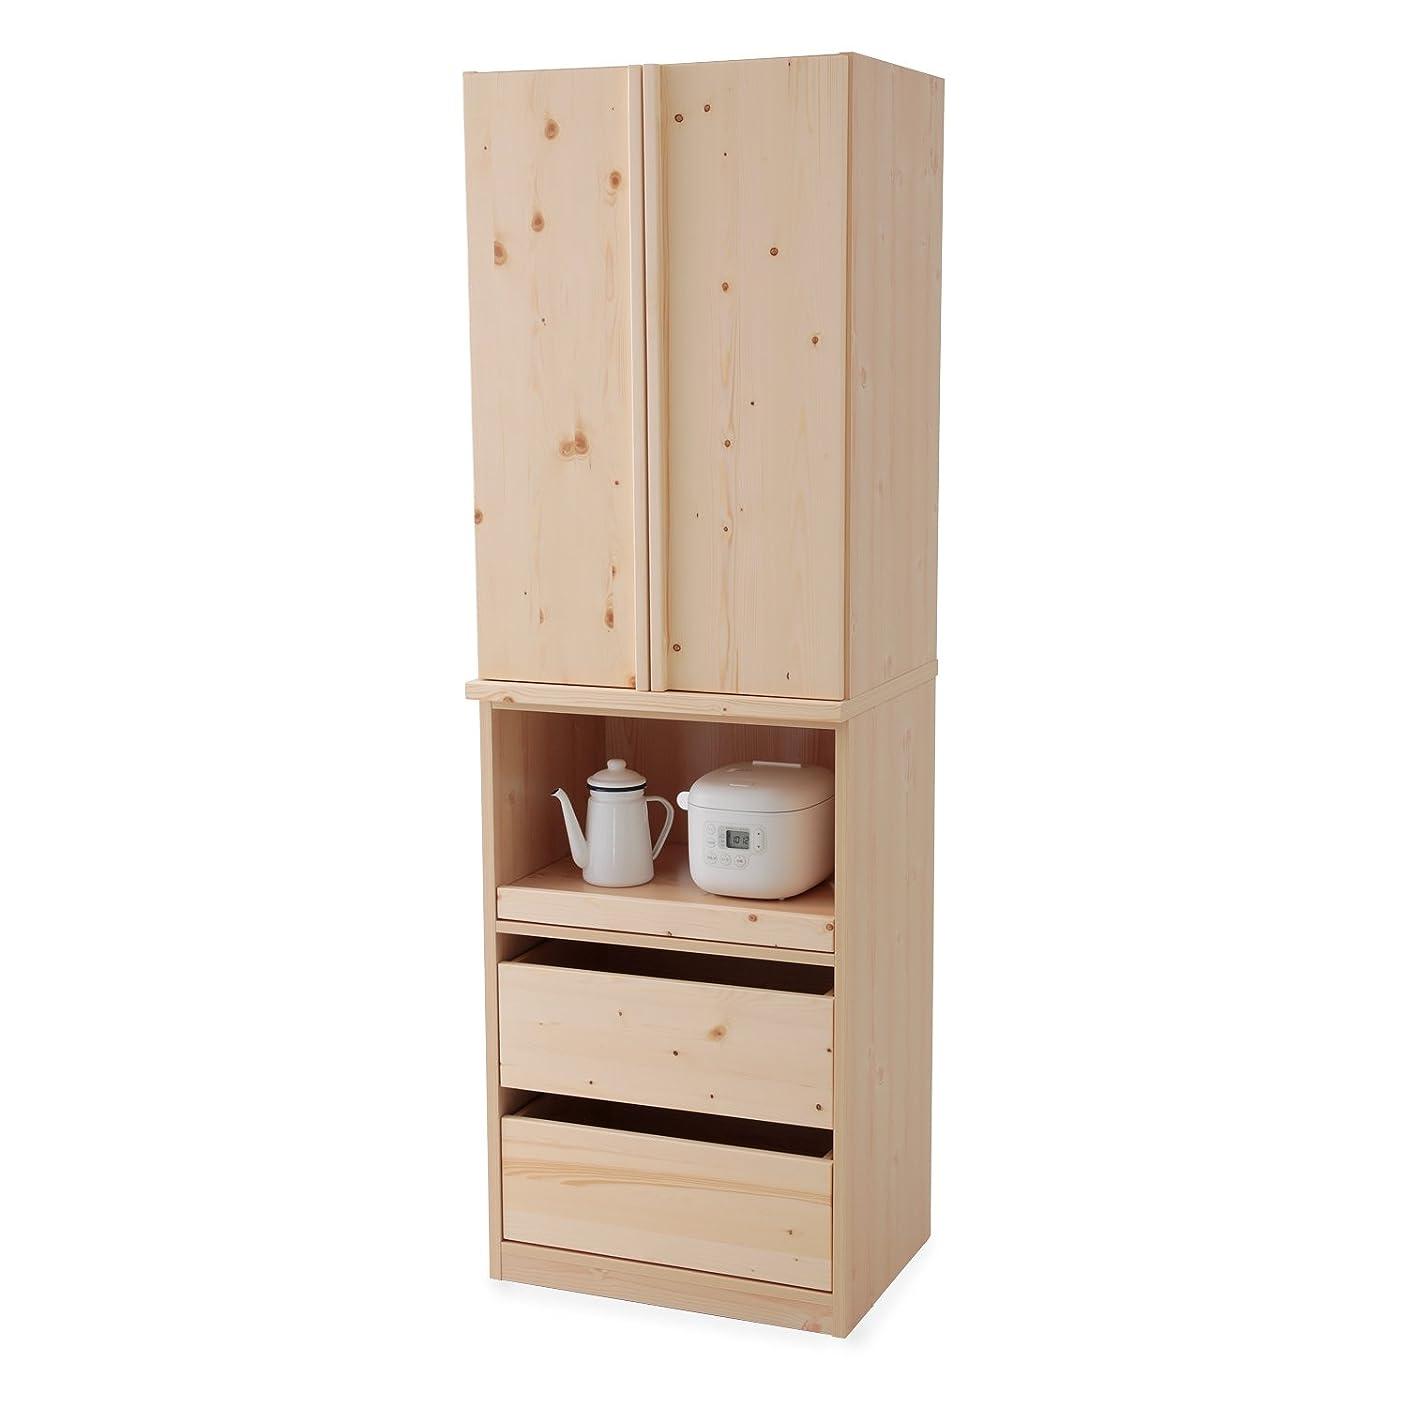 ハプニングゲートウェイ中古LOWYA 食器棚 キッチンボード 木目 半完成品 幅60cm おしゃれ ナチュラル